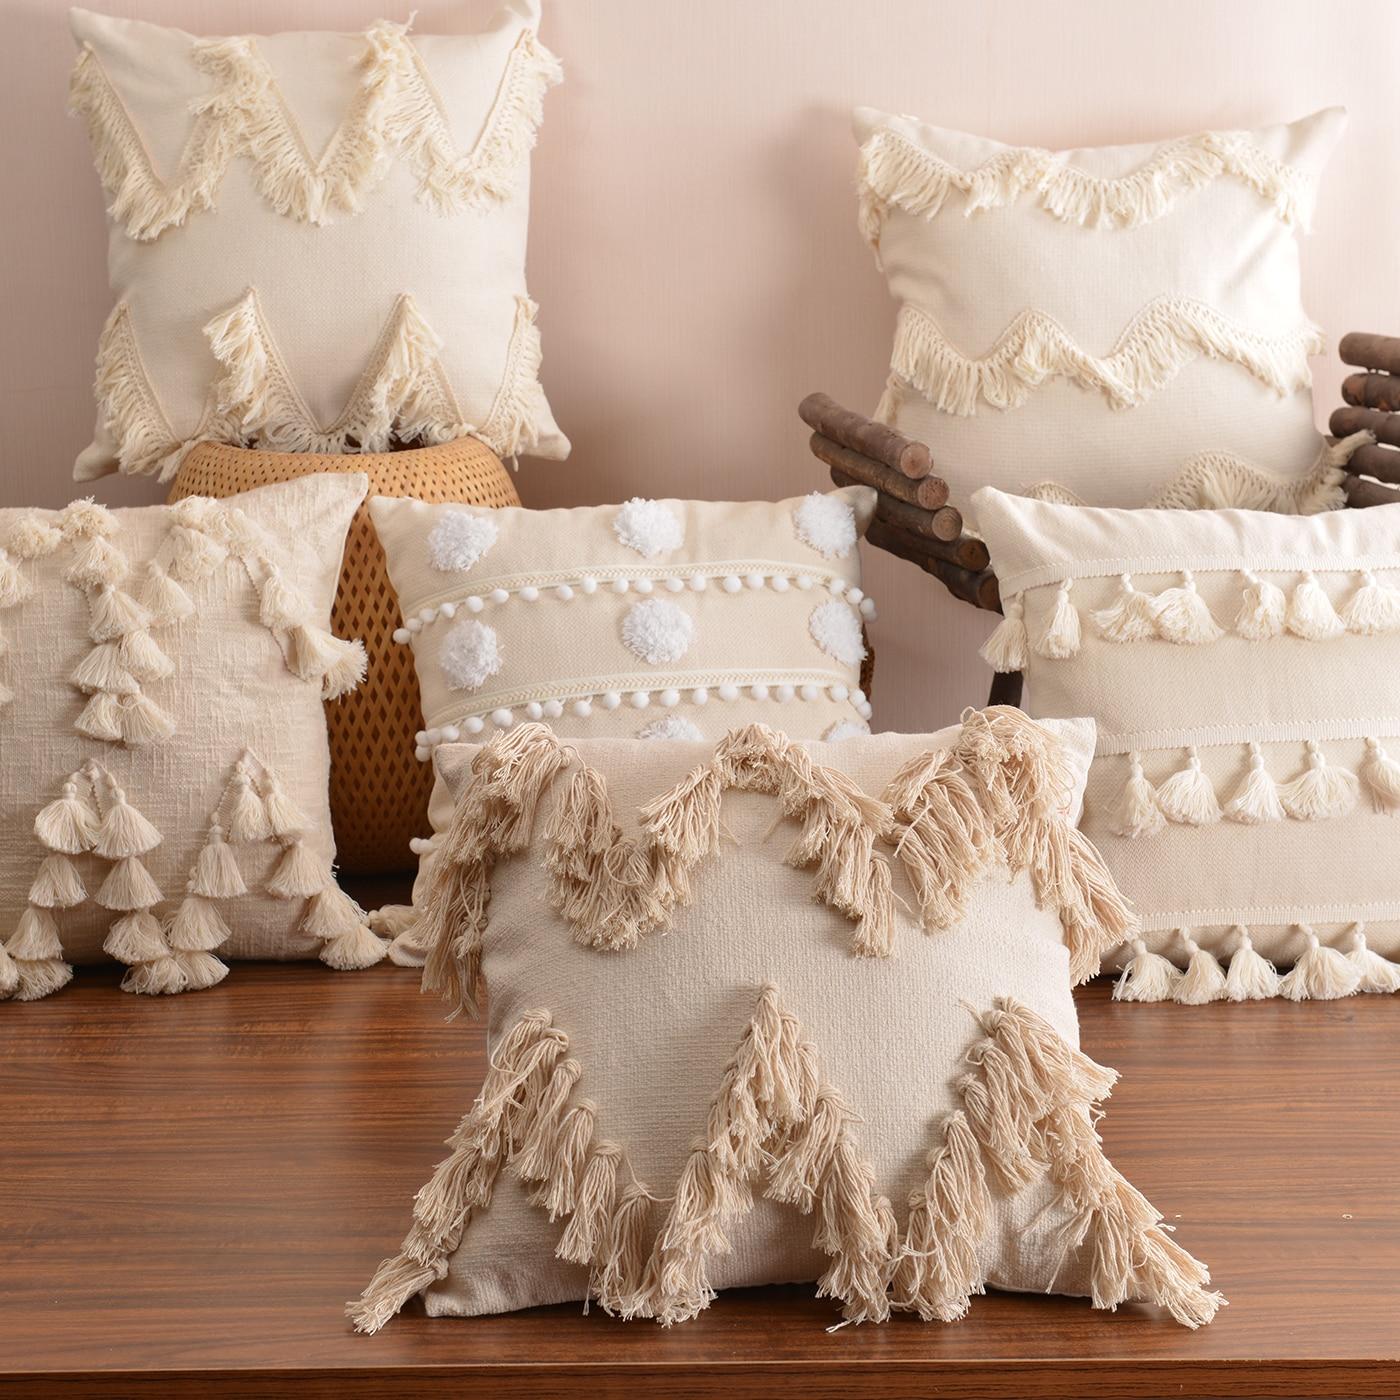 Наволочка в стиле бохо плюшевая с кисточками симпатичная круглая подушка в марокканском стиле Наволочка макраме домашний диван декоративн...